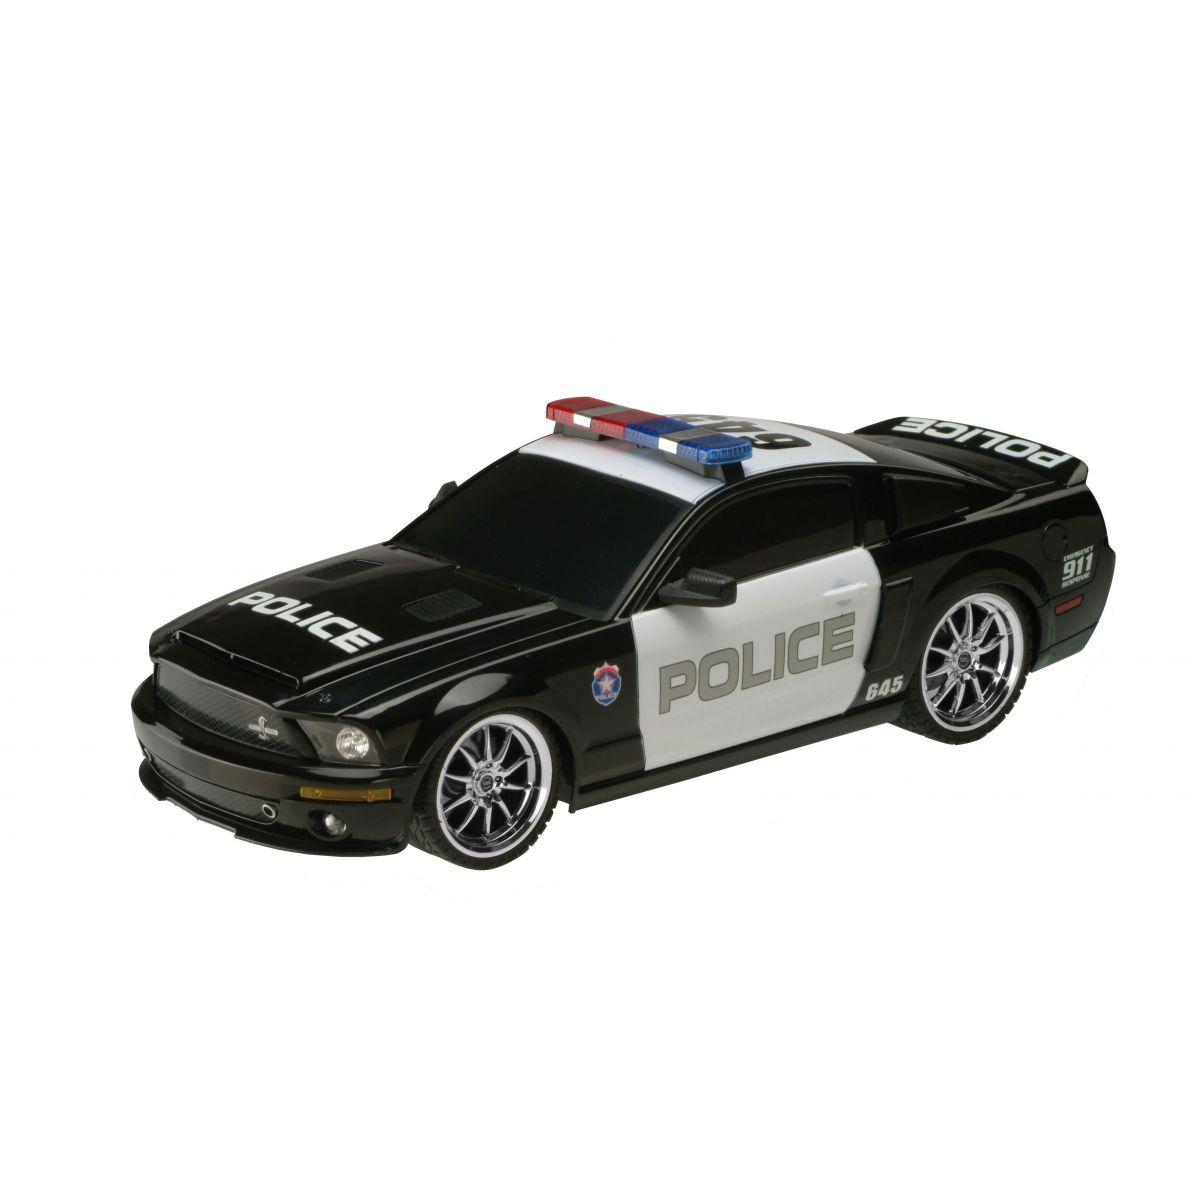 Policejní RC auto Ford GT 500 1:18